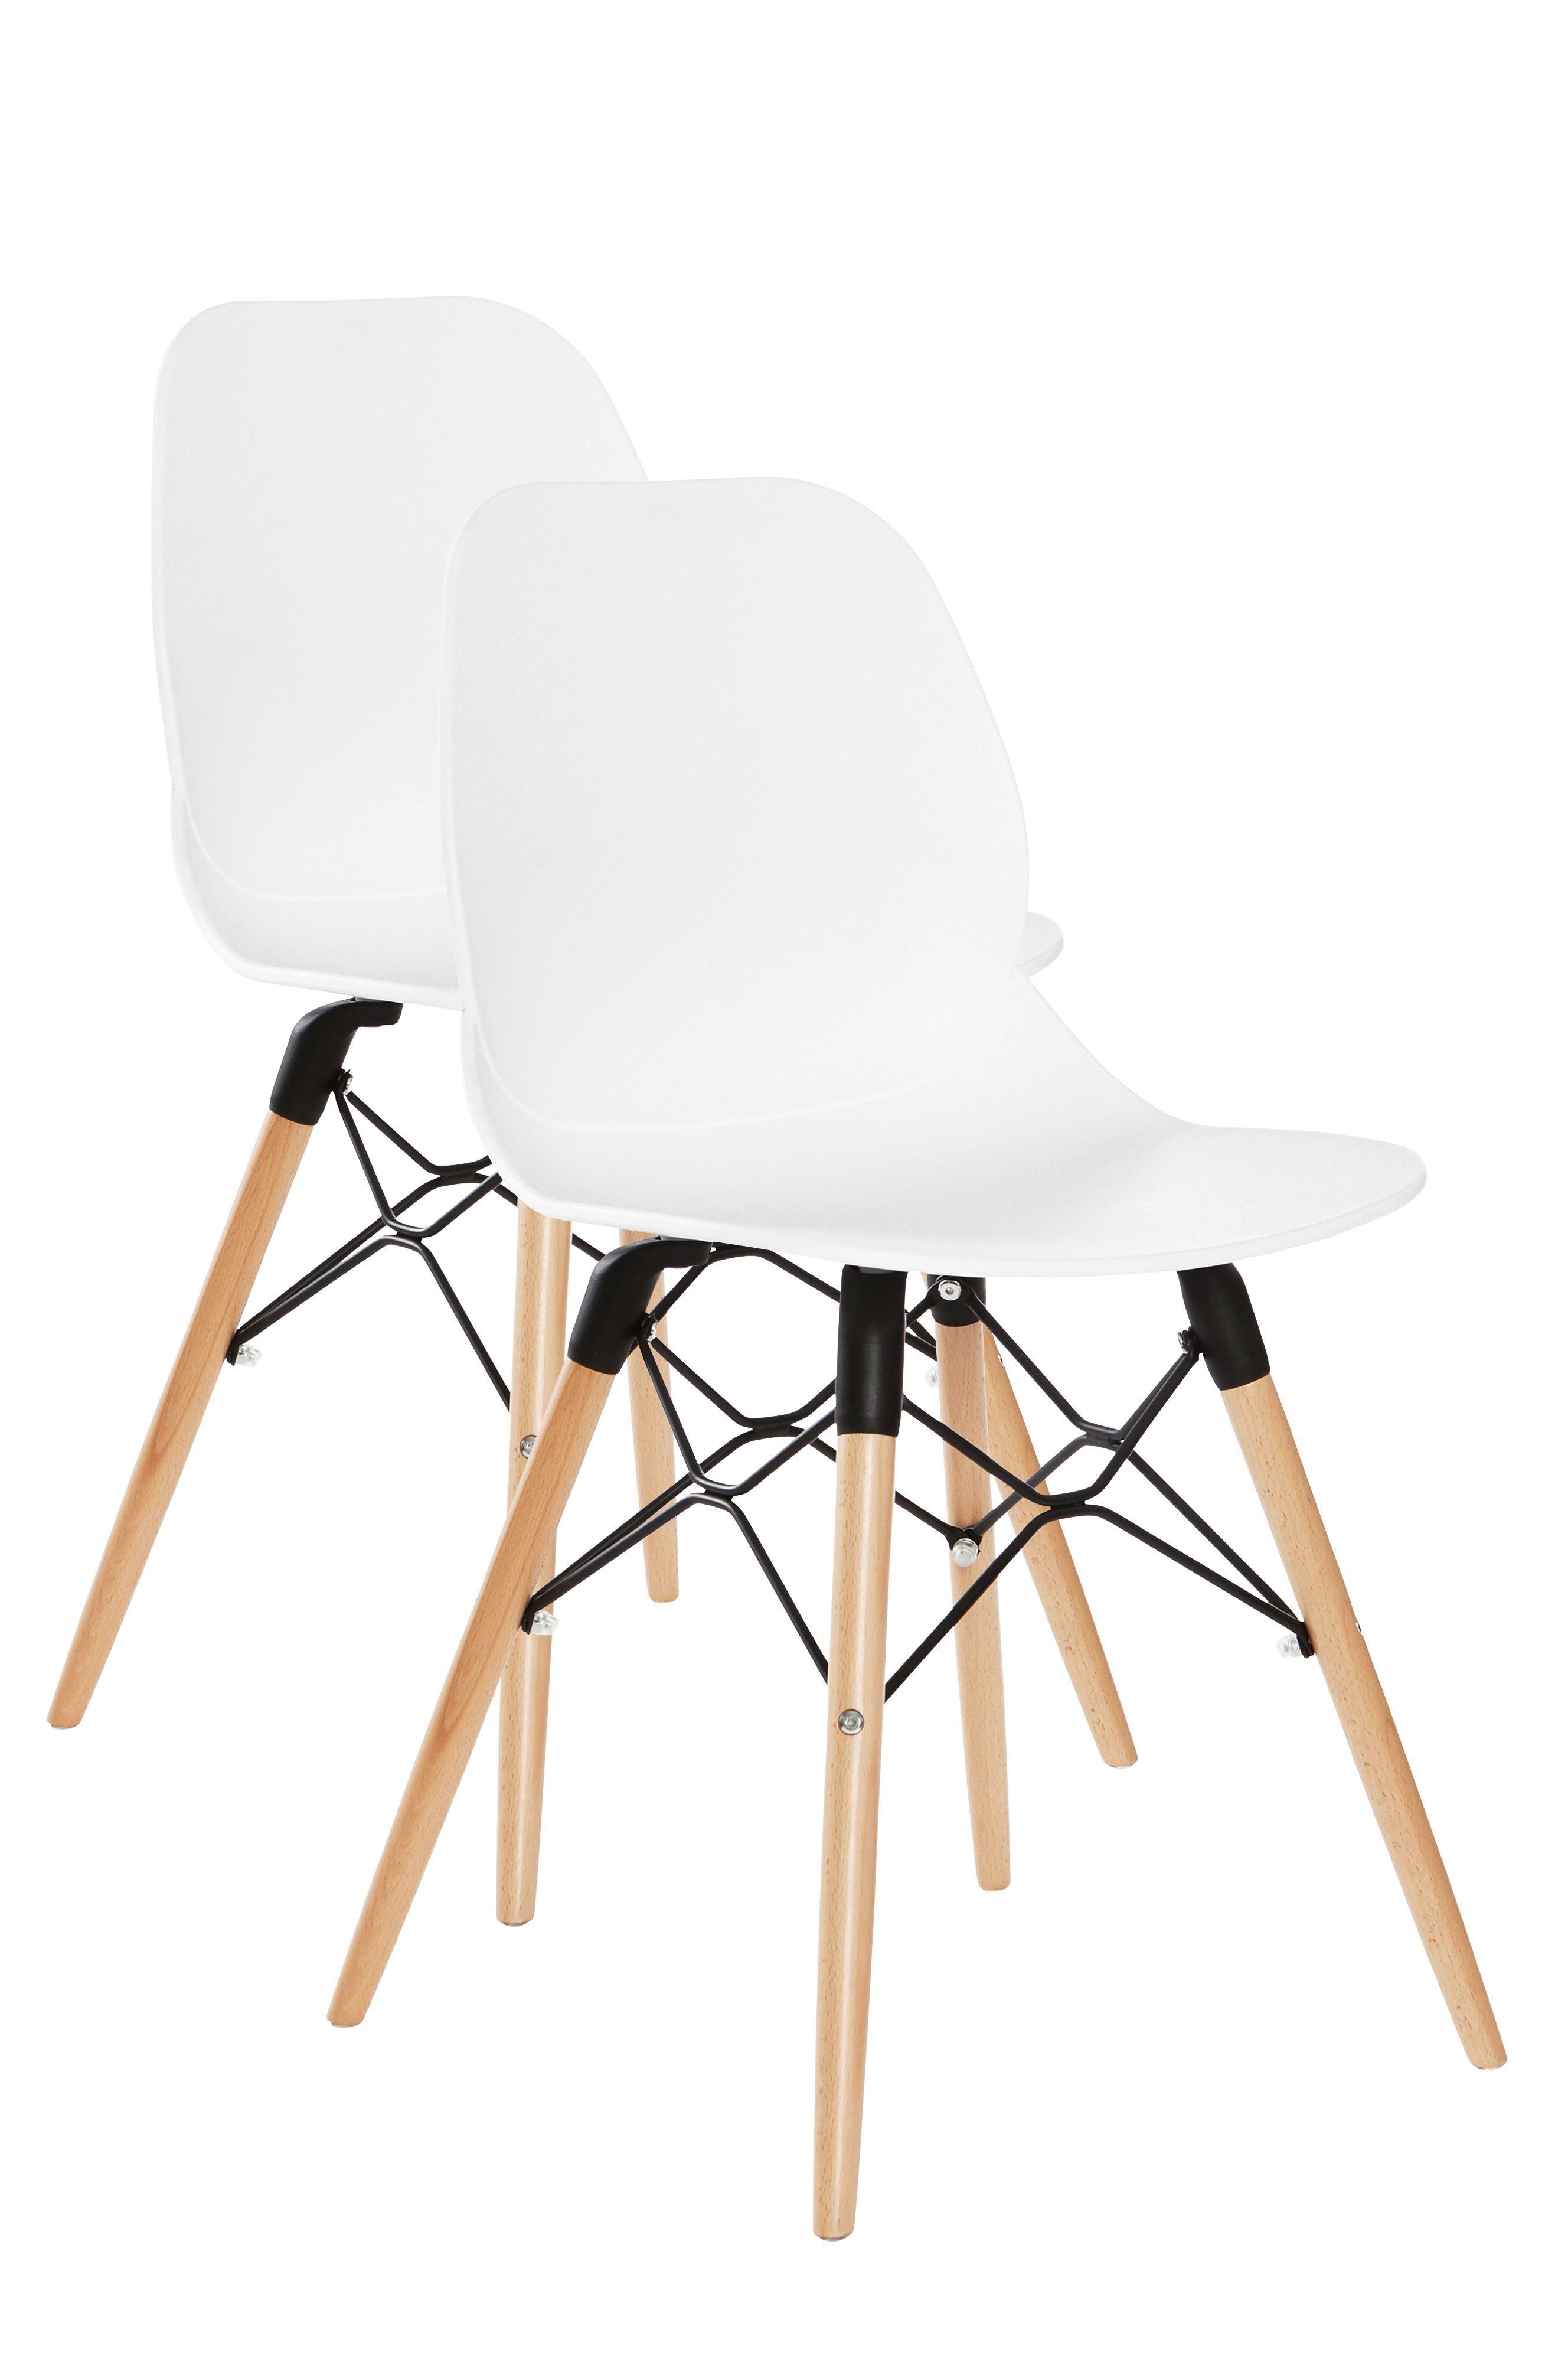 Modernit pyöreälinjaiset tuolit, joissa on mukava istua. Tuolit ovat siroja ja sopivat niin ruokapöydän ääreen kuin eteiseenkin. Materiaali: Muovia ja puuta, runko metallia. Koko: Korkeus 82,5 cm, leveys 45,5 cm, syvyys 49 cm, istuinkorkeus 45 cm. Kuvaus: Tuolit, joissa muotoonvalettu istuinosa polypropeenia, jalat pyökkiä ja metallia. Osittain koottavat. Suunnittelija: Chen Zhiyi Hoito-ohje: Puhdistuskostealla liinalla pyyhkimällä. Vinkki: Yhdistä tuoleihin eri värejä ja materiaaleja, niin…